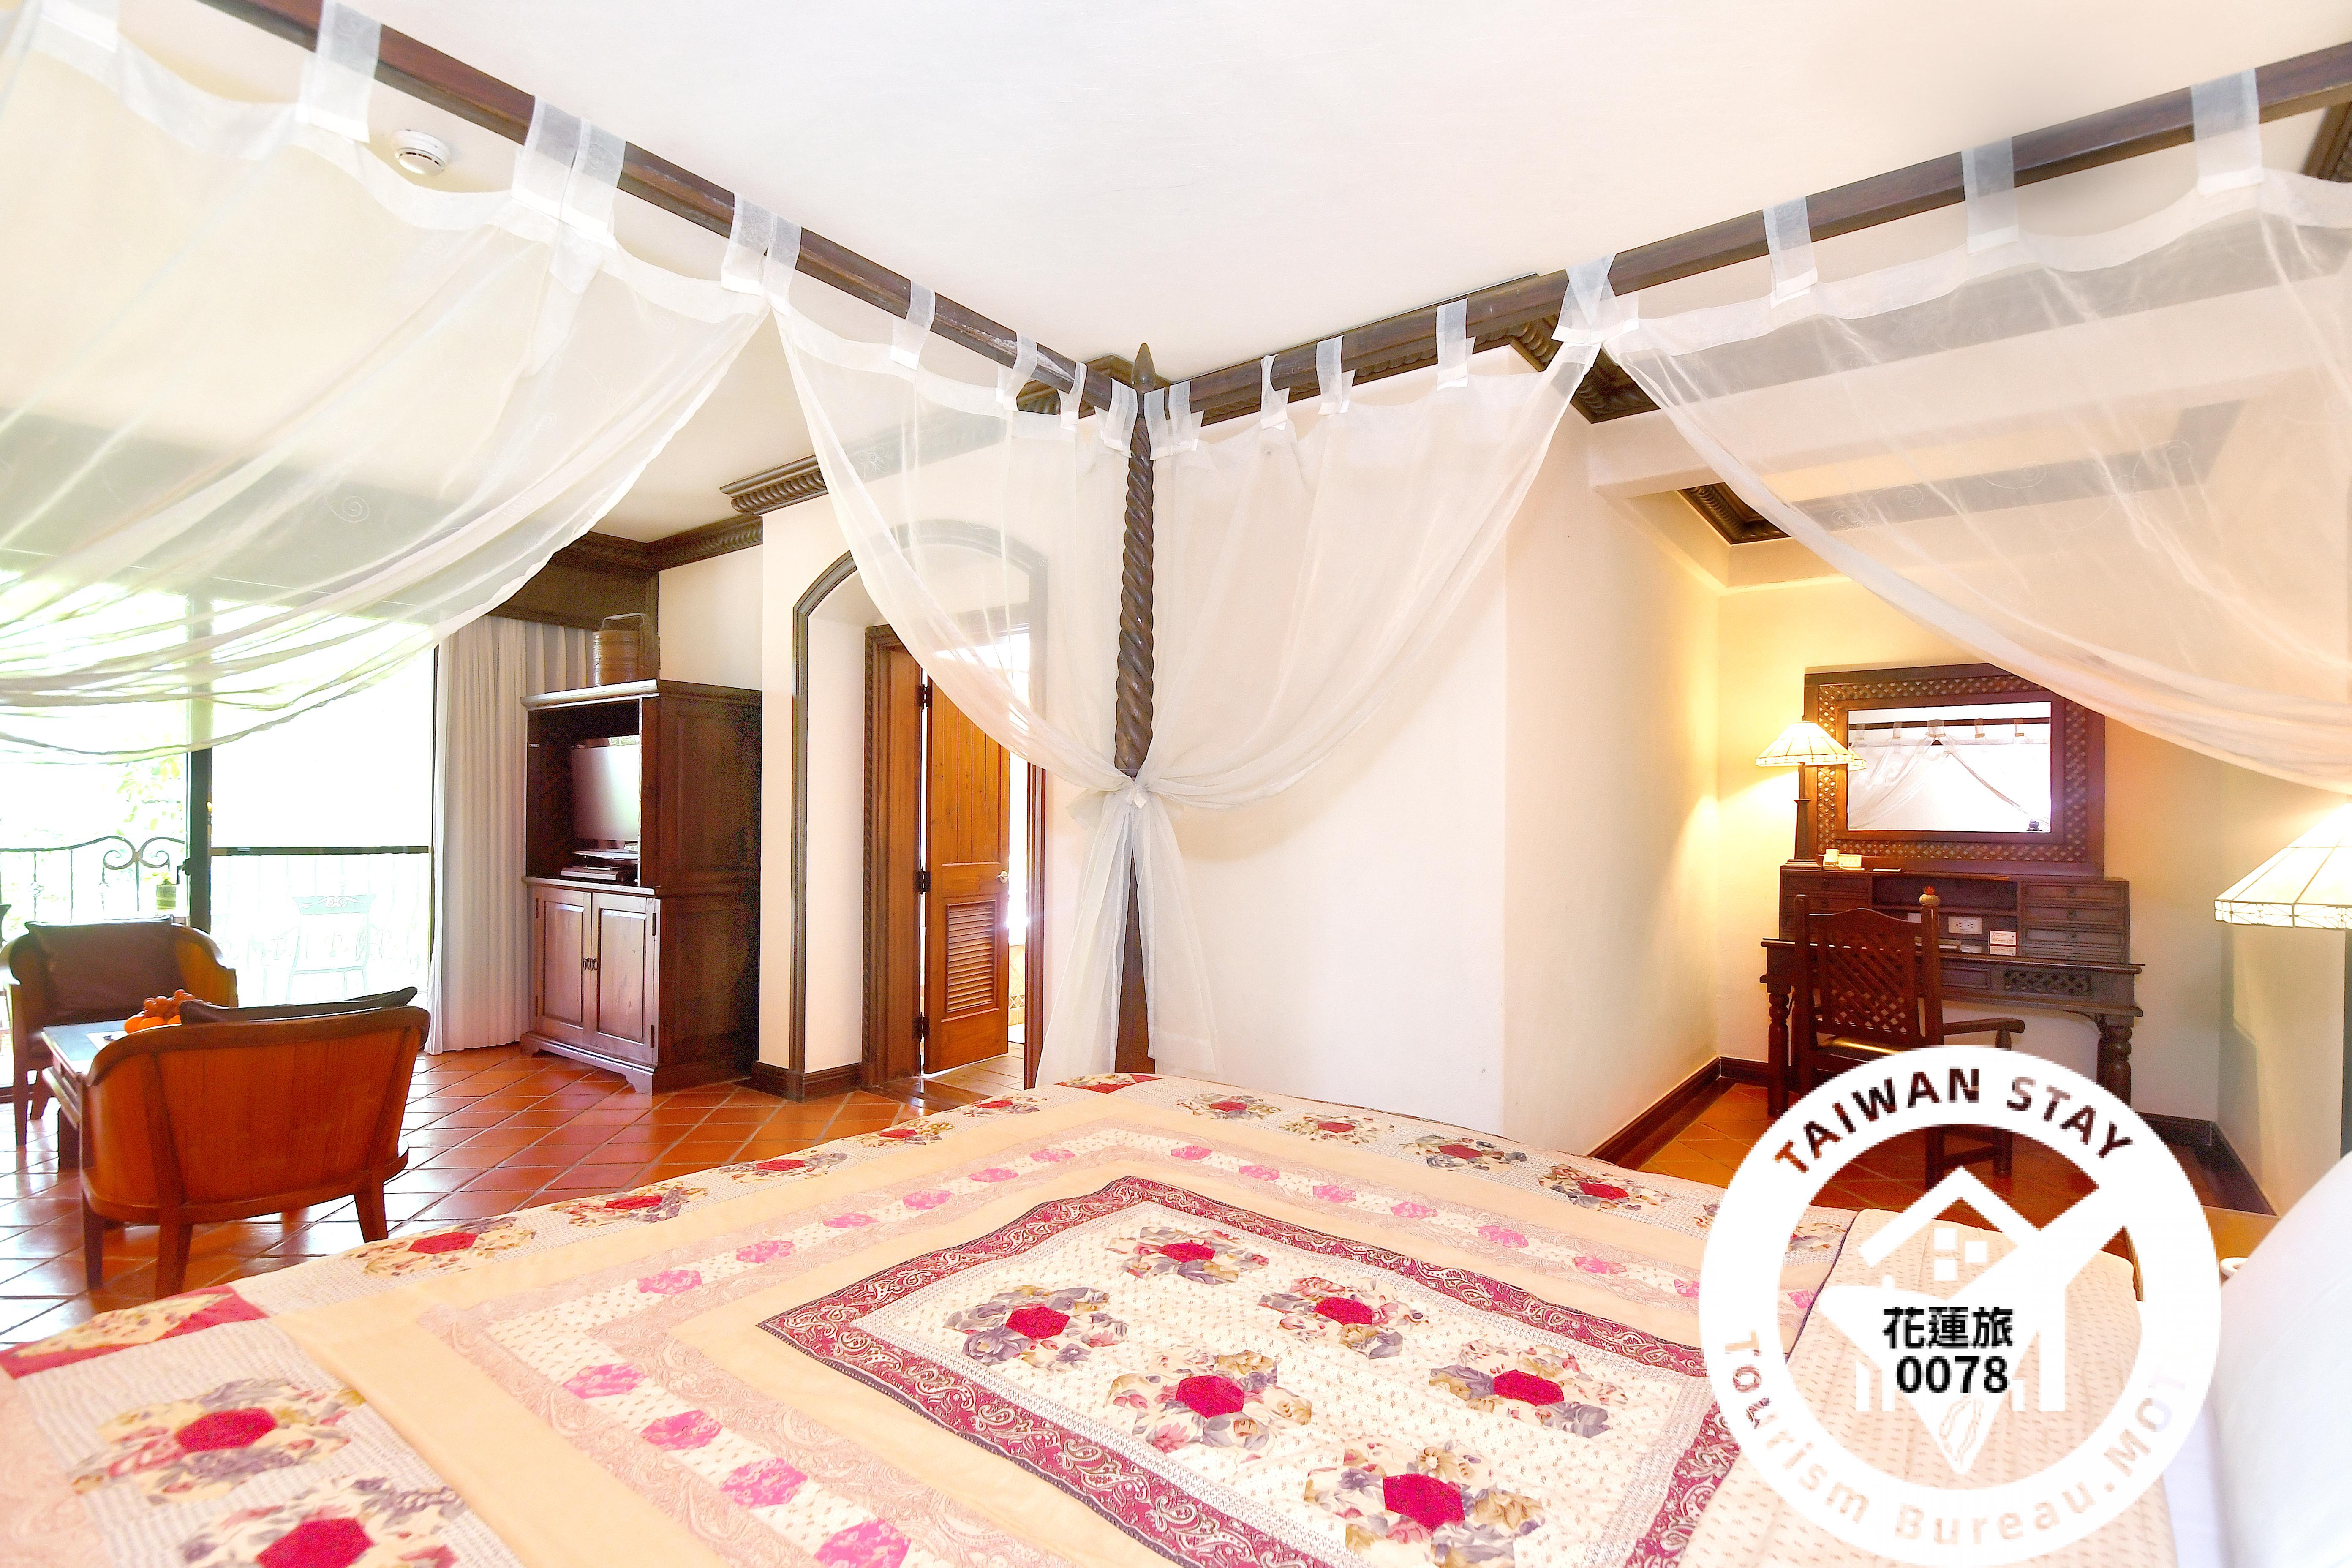 伊莎貝拉蜜月套房(套房Suite)照片_1